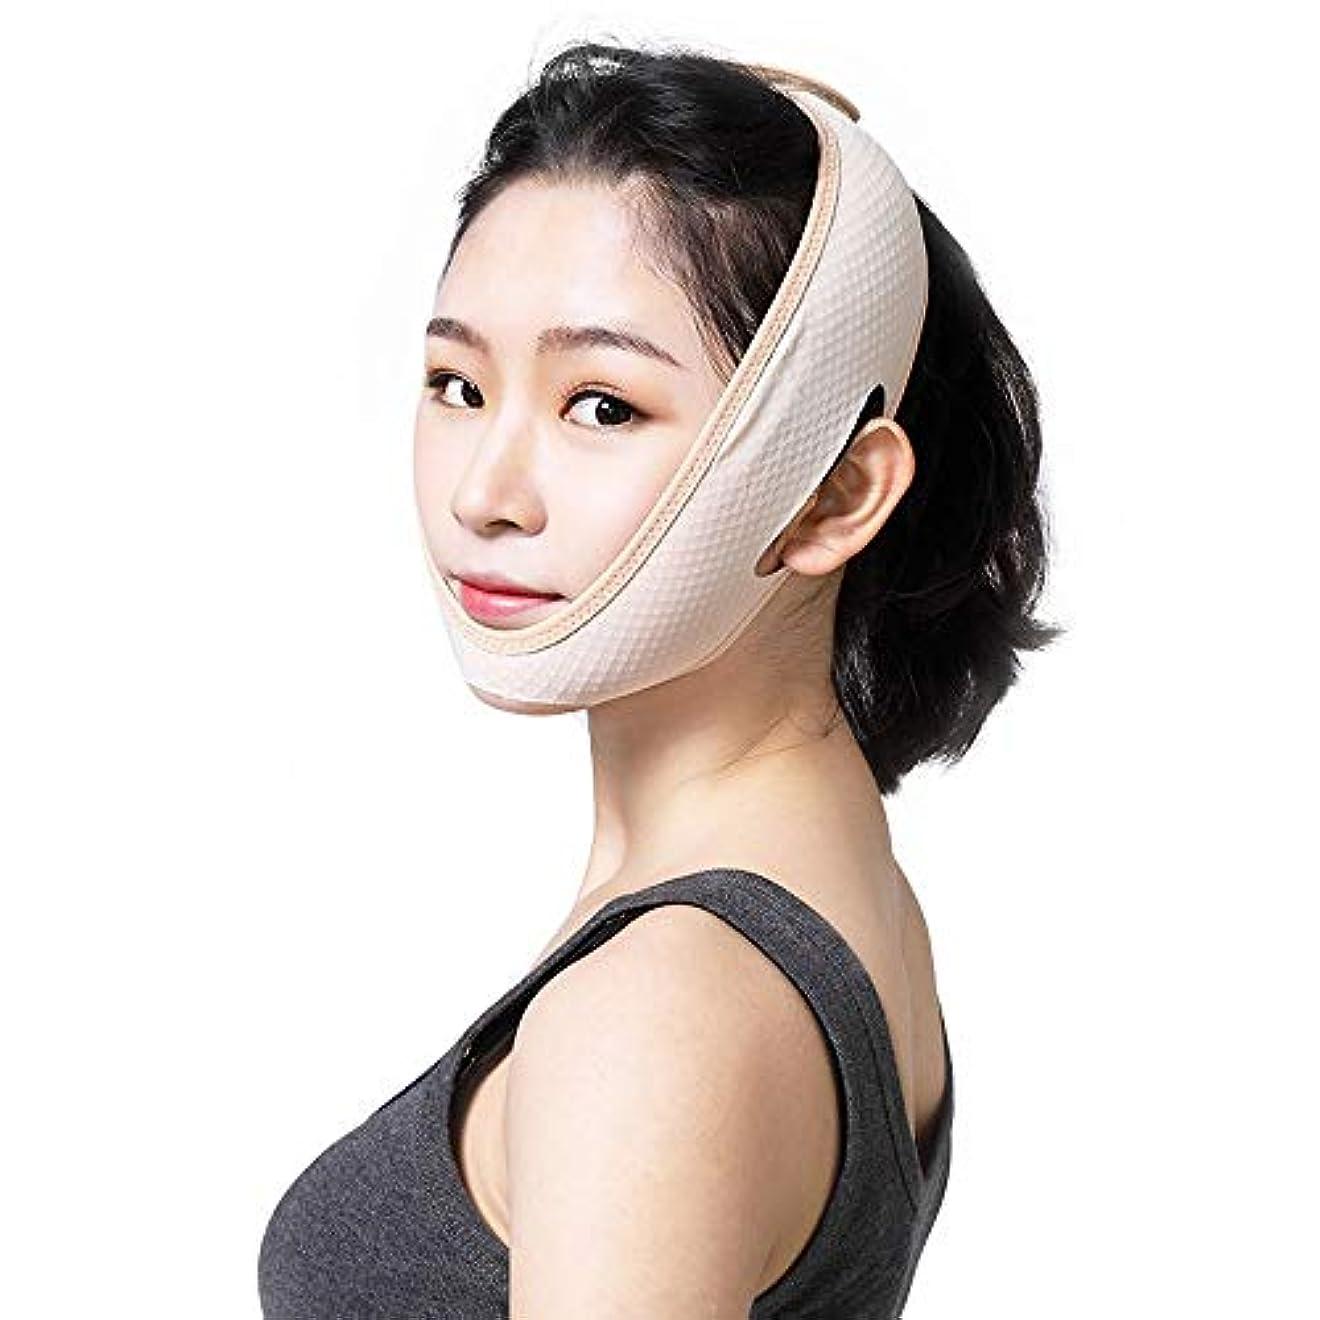 狂う流用する資格情報Jia Jia- シンフェイスアーティファクトVフェイスタイトリフティングフェイスリフトシンダブルチン男性と女性フェイス包帯マスク 顔面包帯